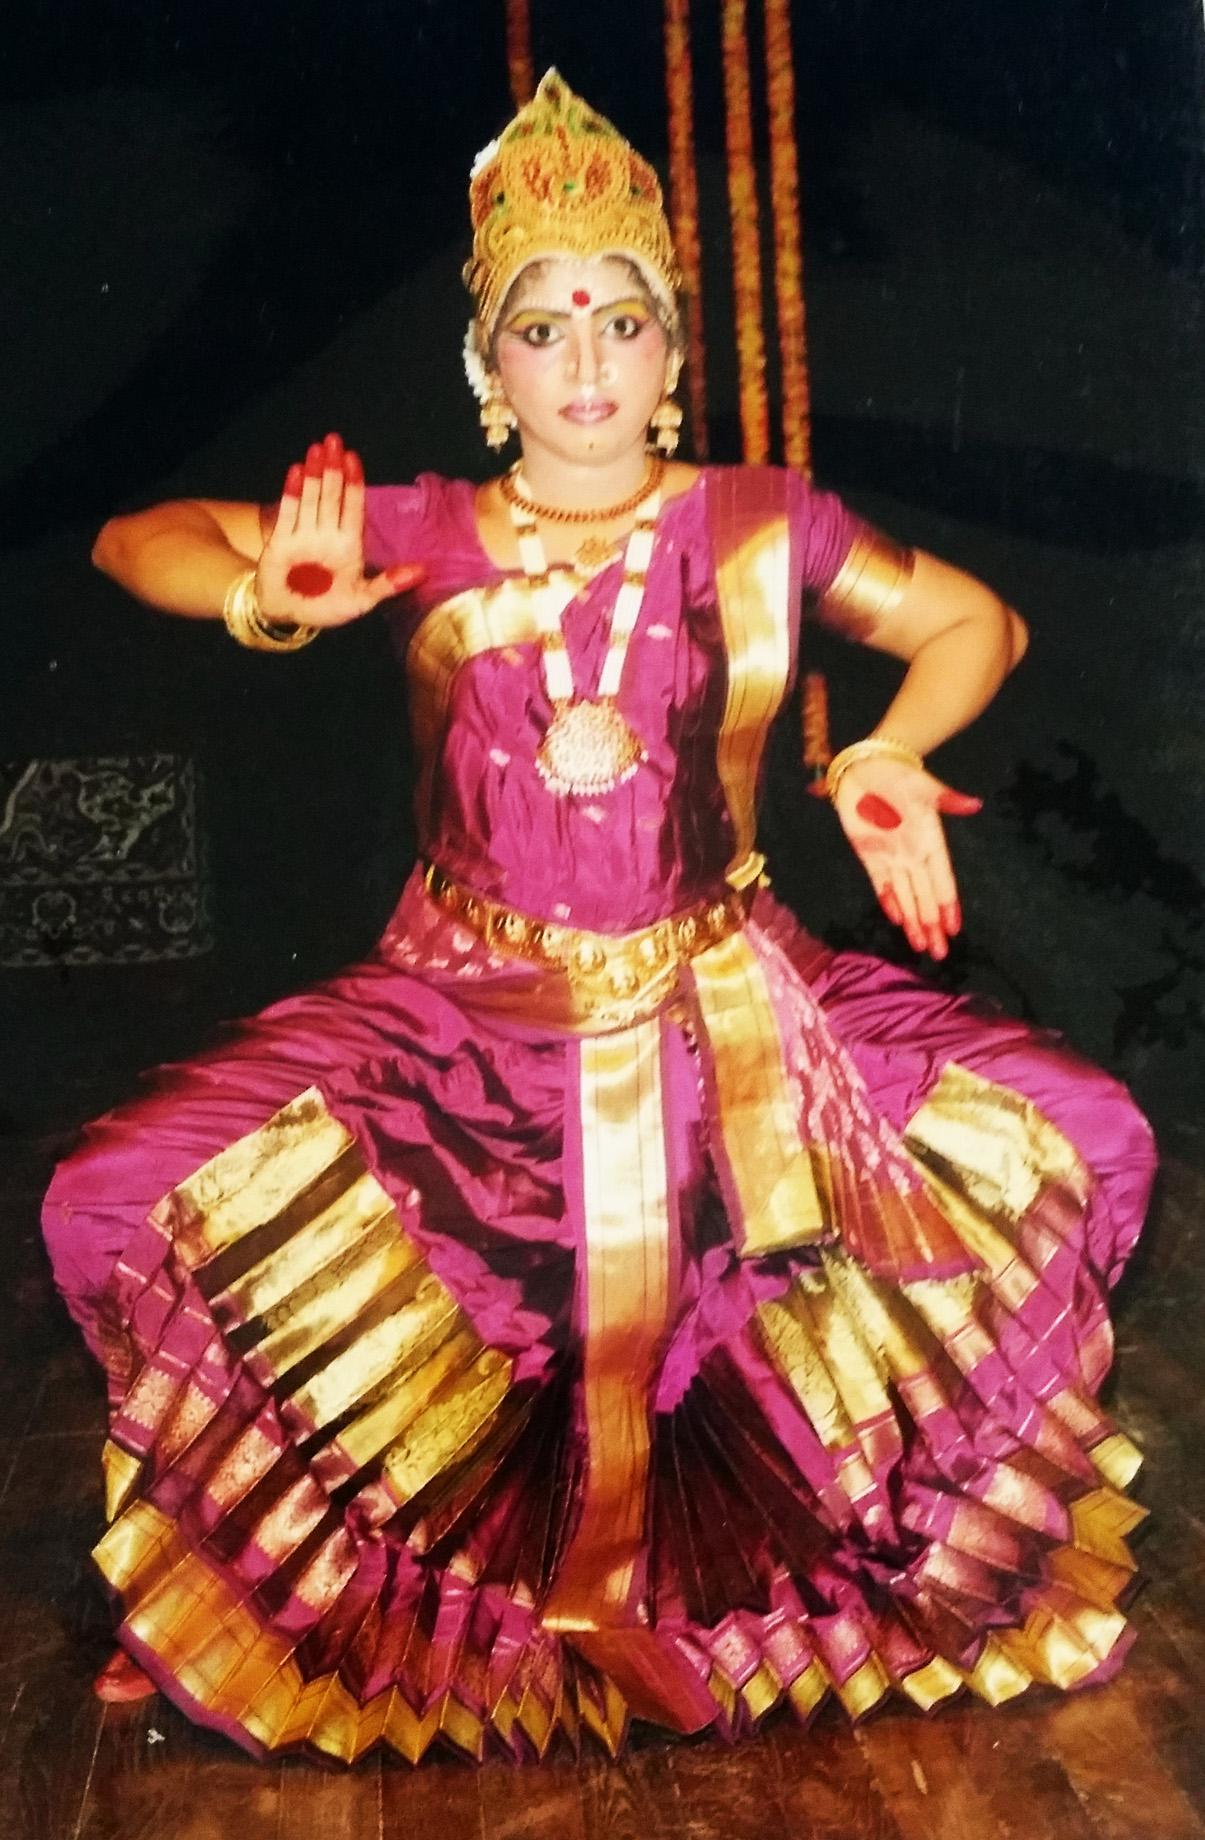 NAADA BRAHMA SRI TYAGARAJA DANCE ACADEMY, Naada Brahma Sri Tyagaraja Dance Academy